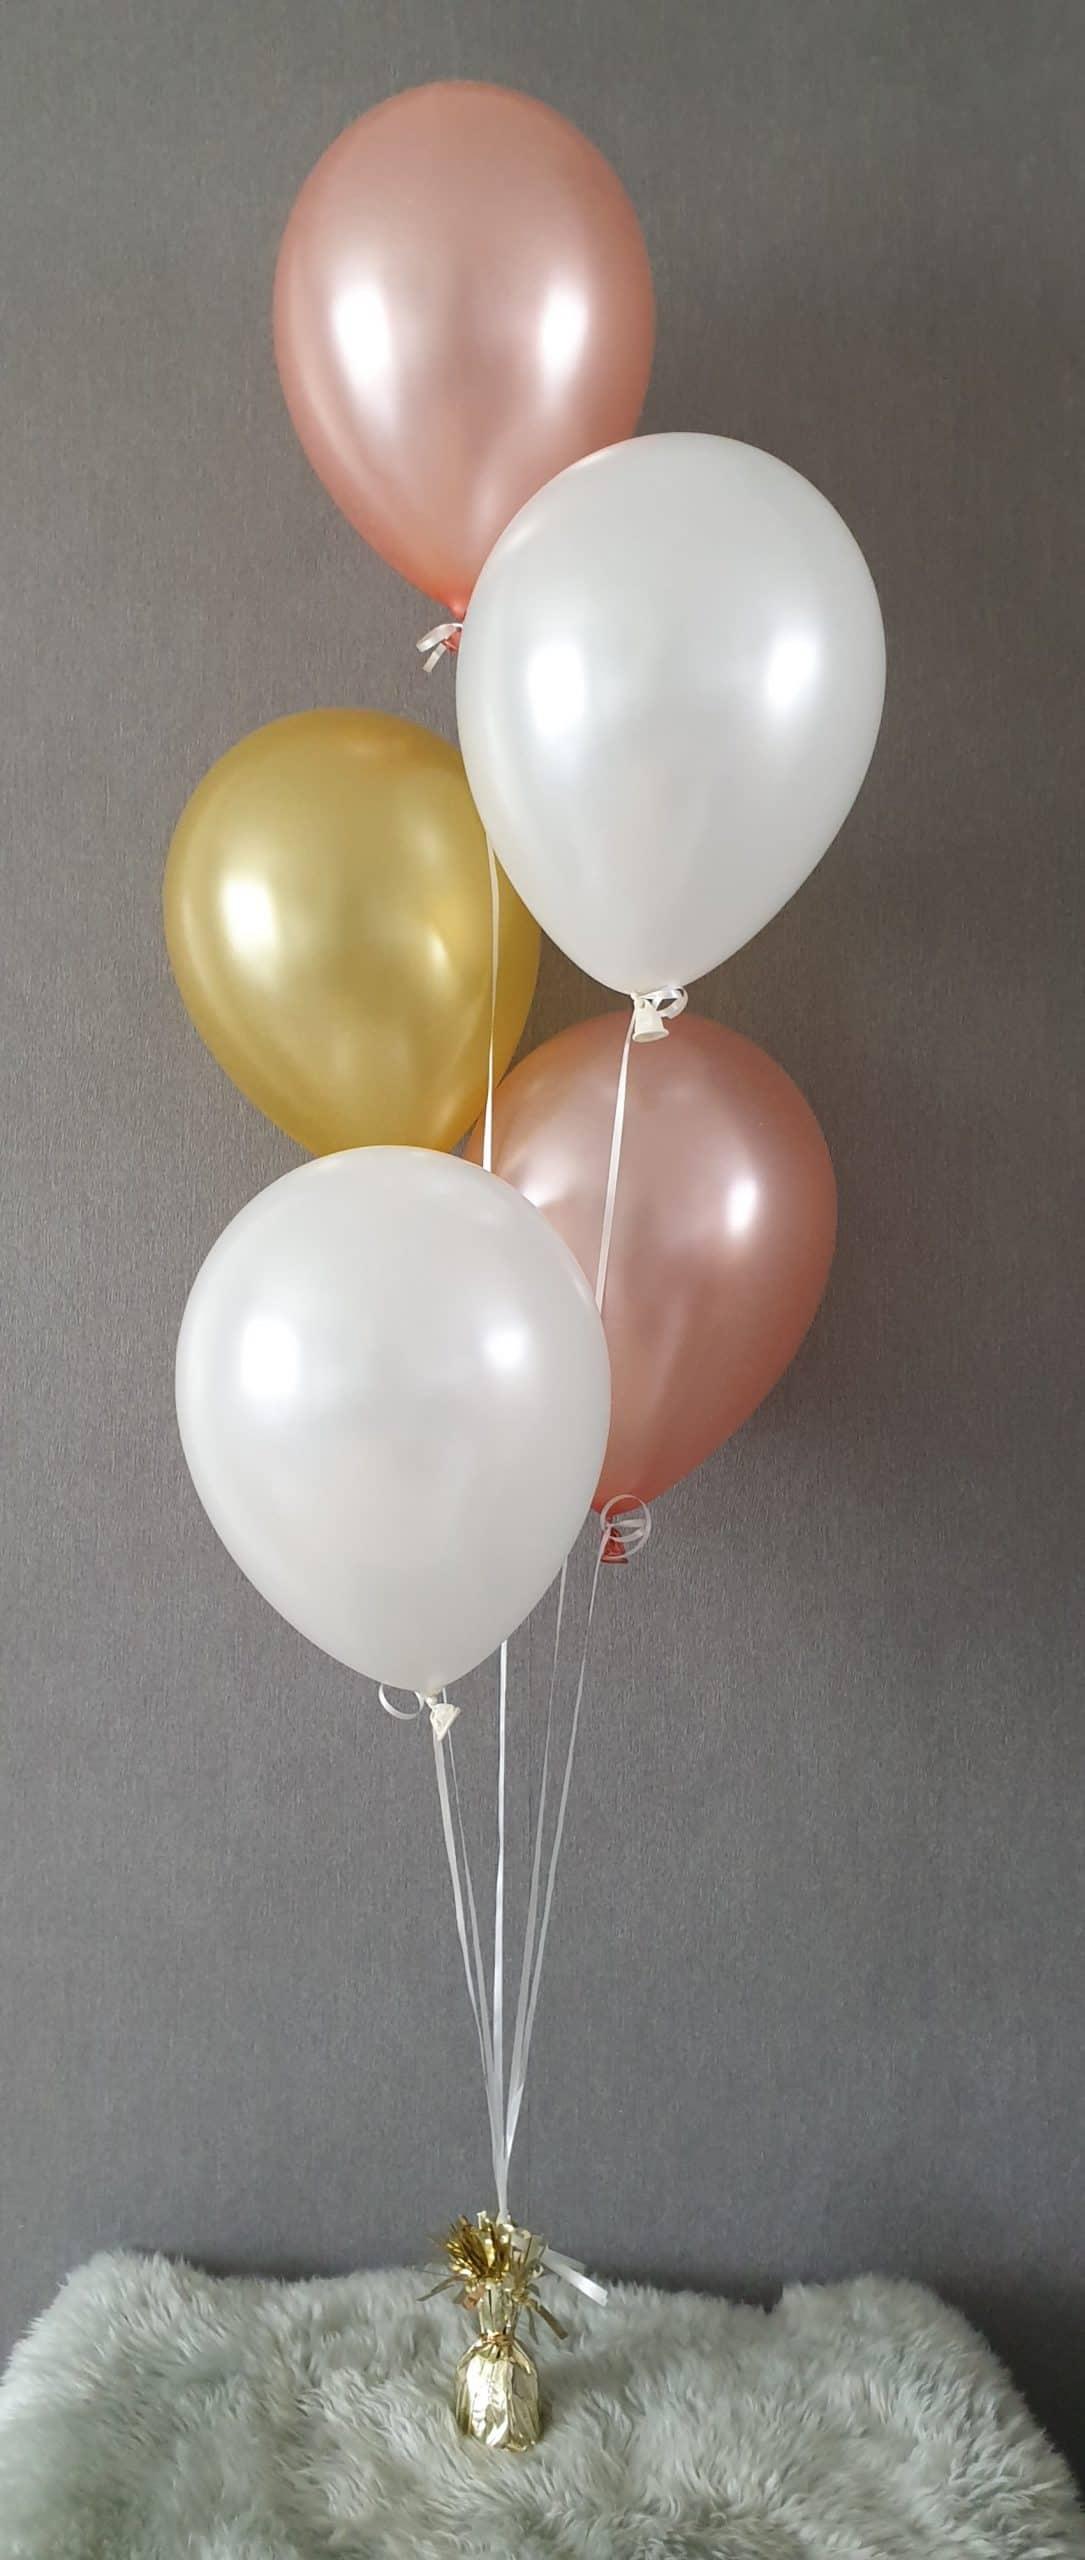 boondesigns ballondecoratie tros met 5 heliumballonnen